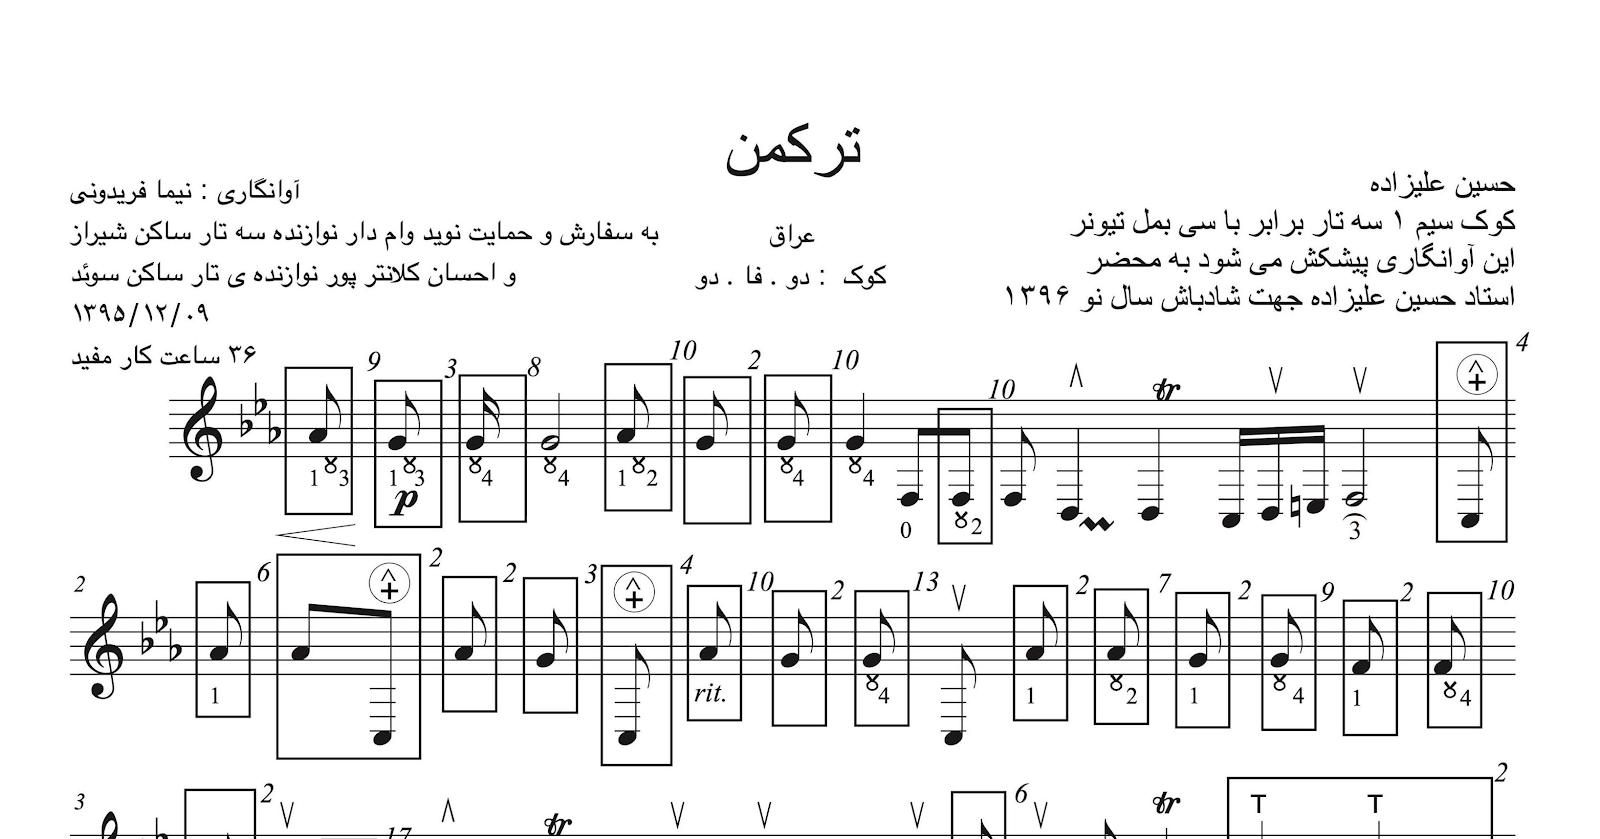 نت آهنگ ترکمن حسین علیزاده آوانگاری نیما فریدونی